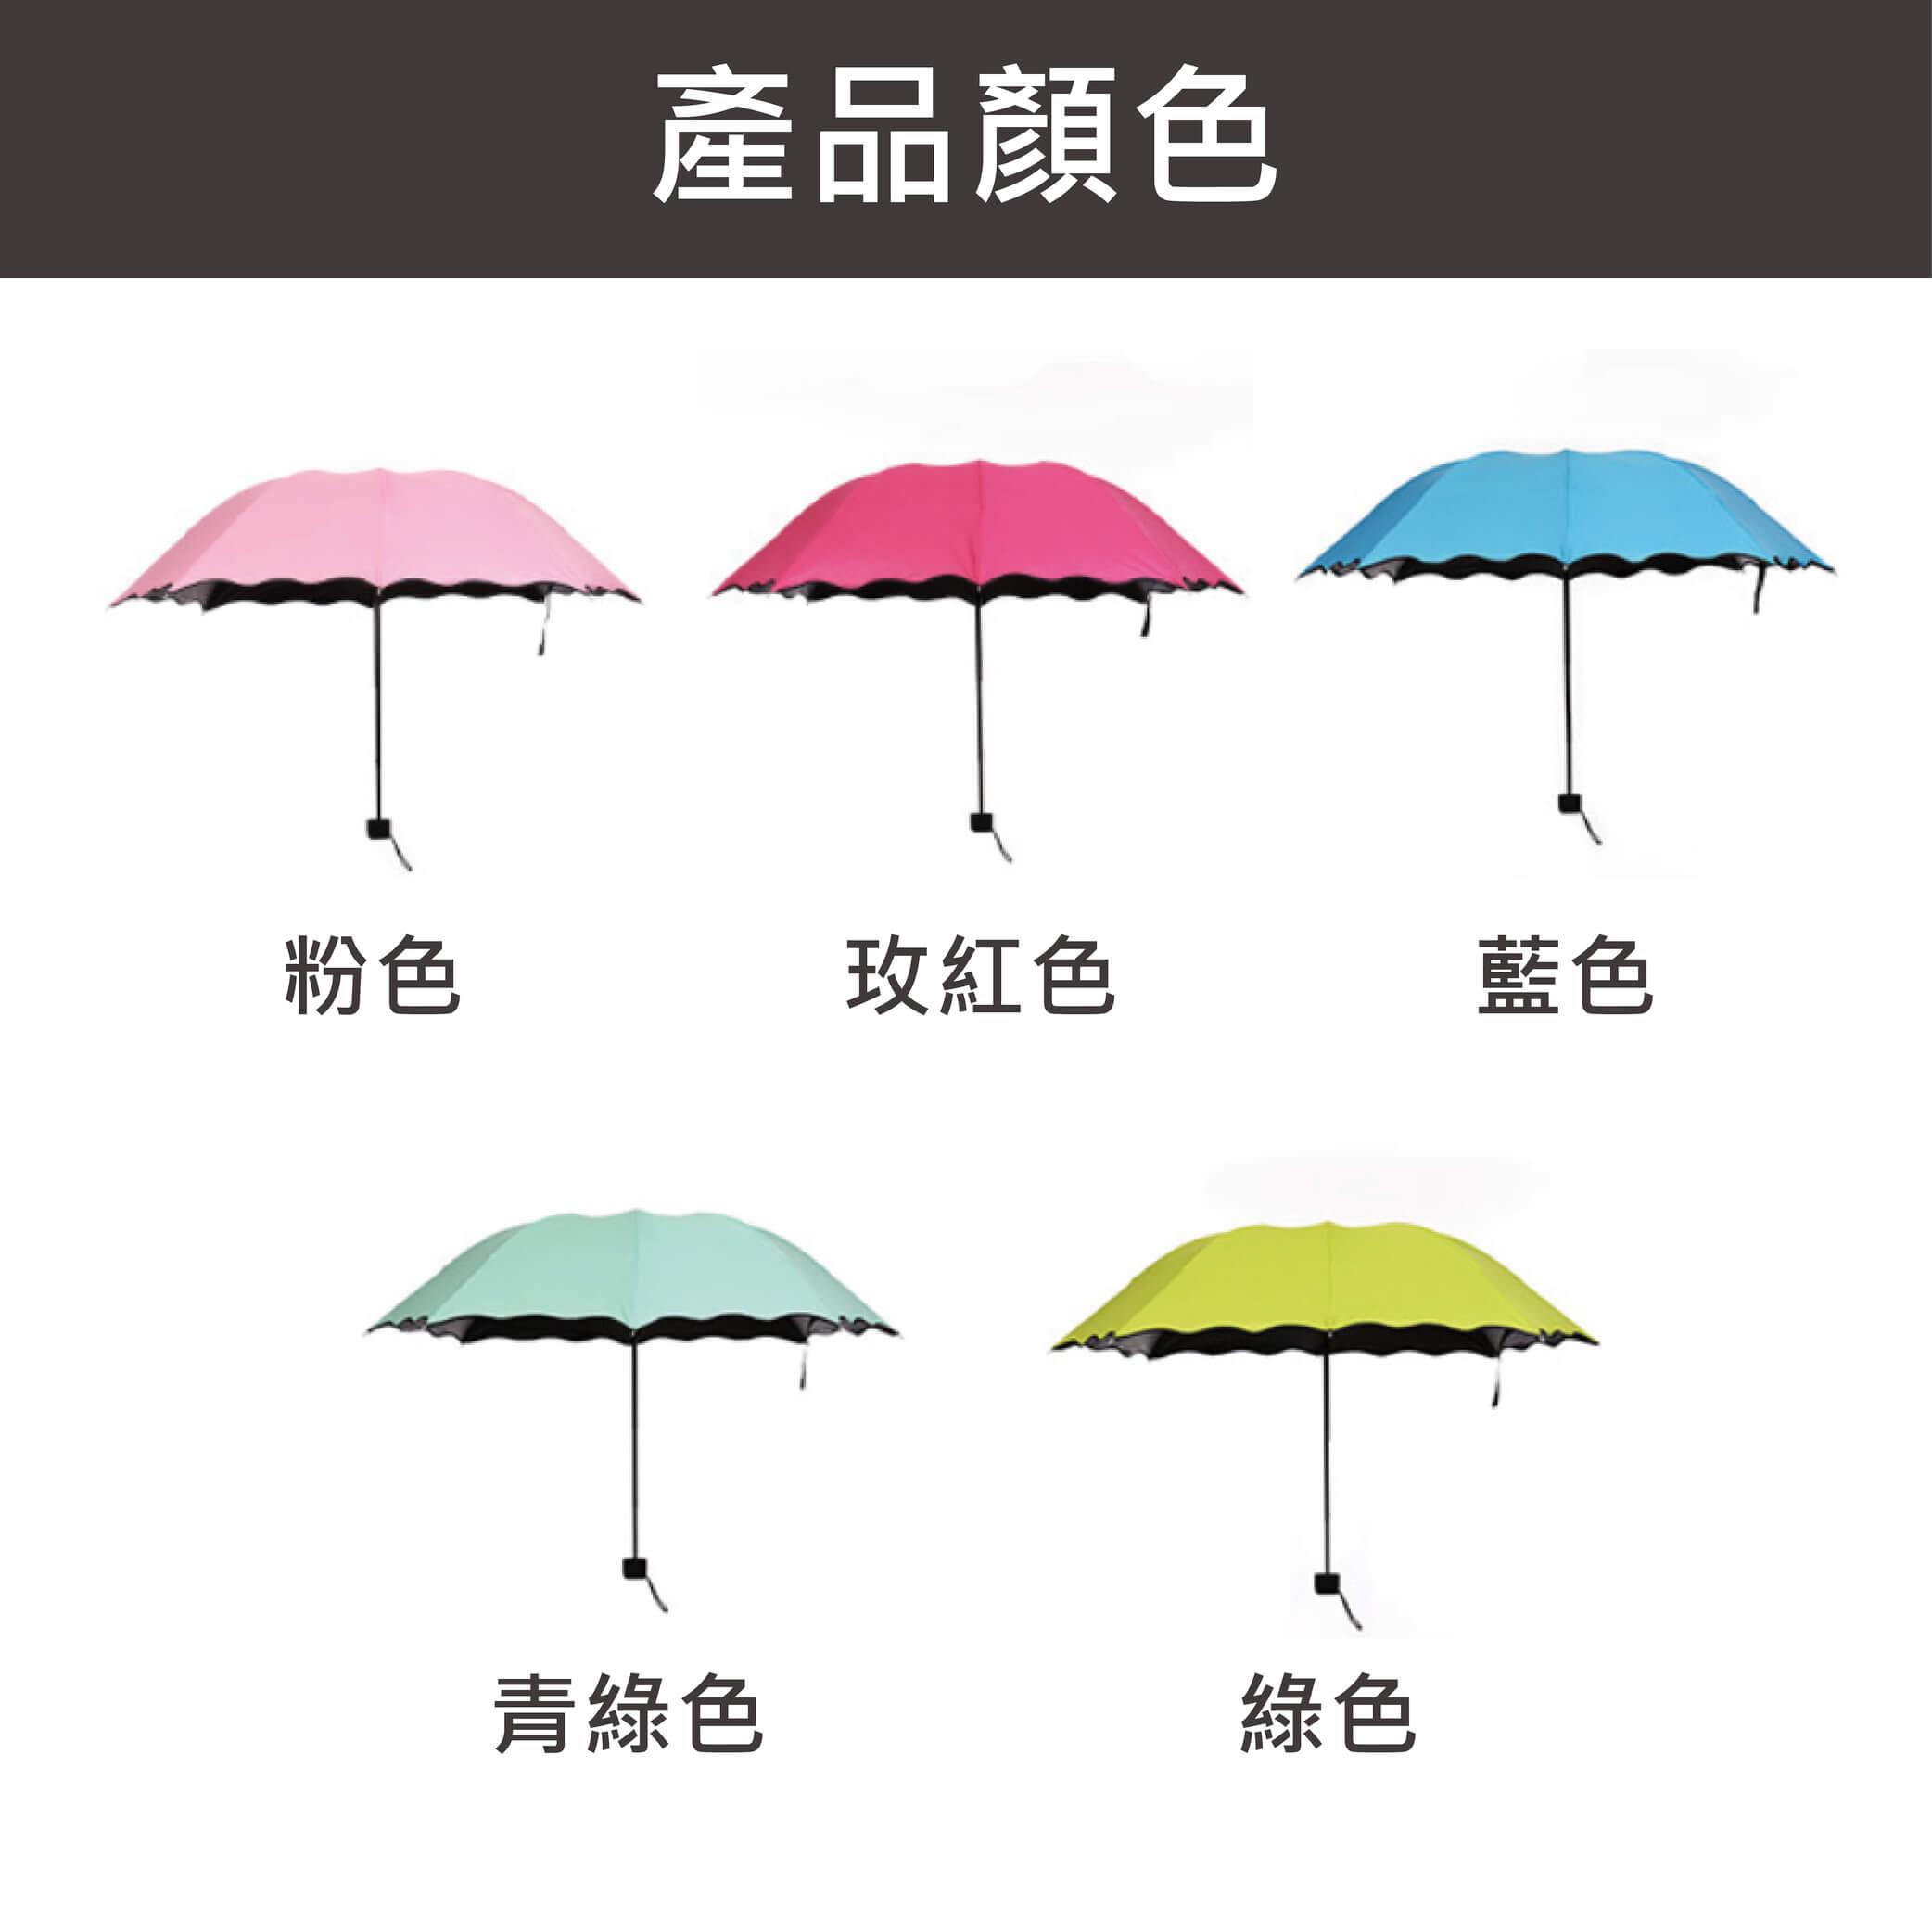 黑膠抗UV奇幻遇水生花折疊傘